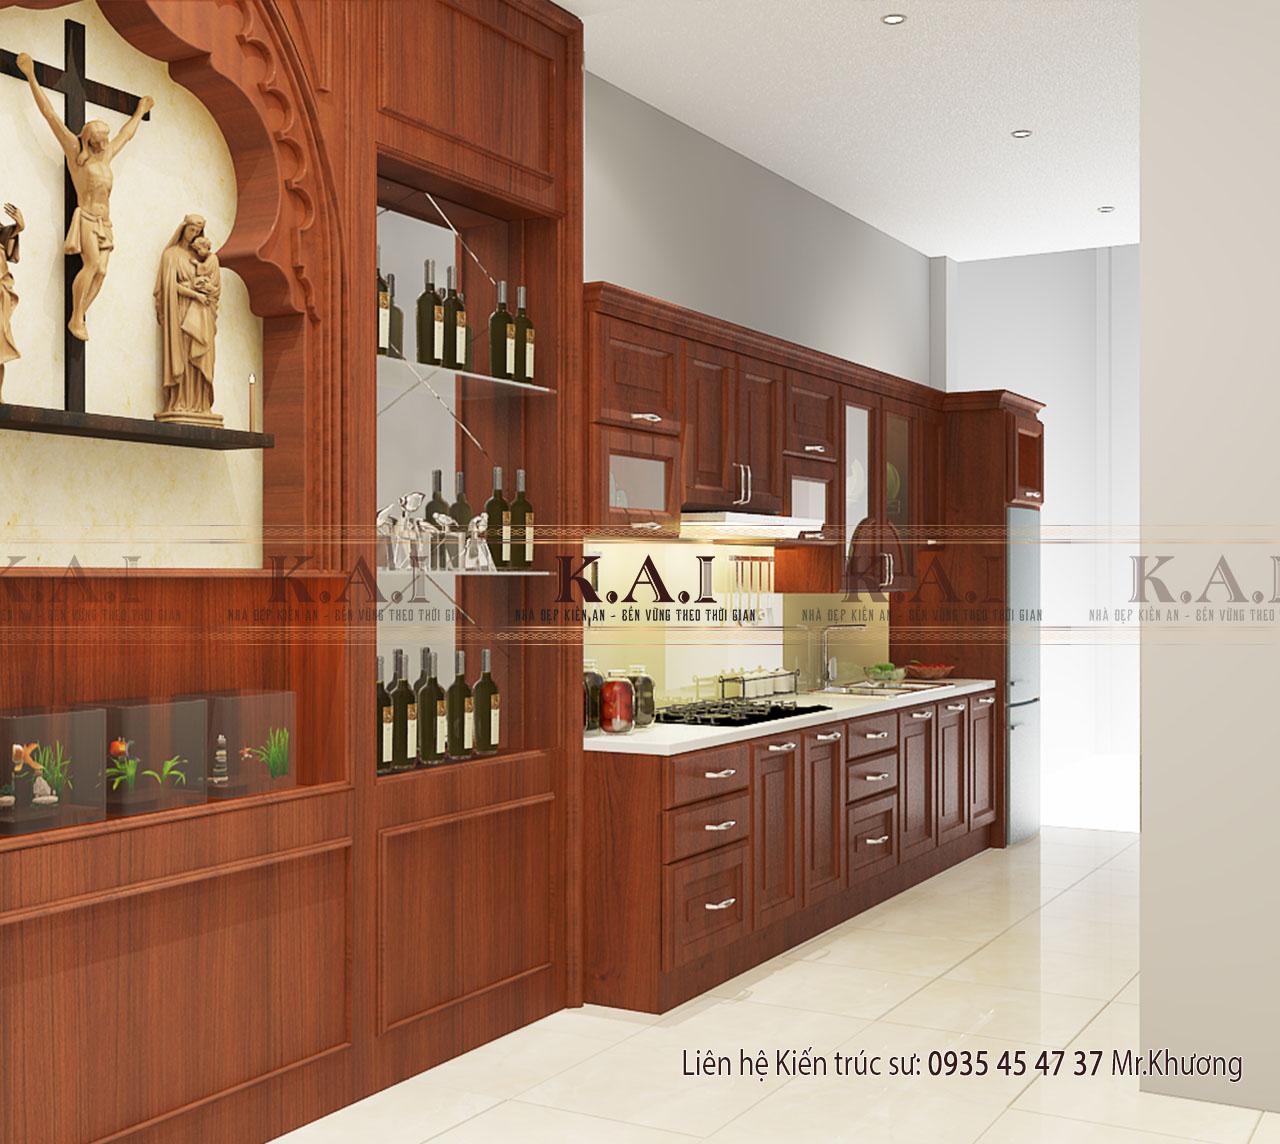 Thiết kế nội thất phòng bếp – ăn nhà 4 tầng